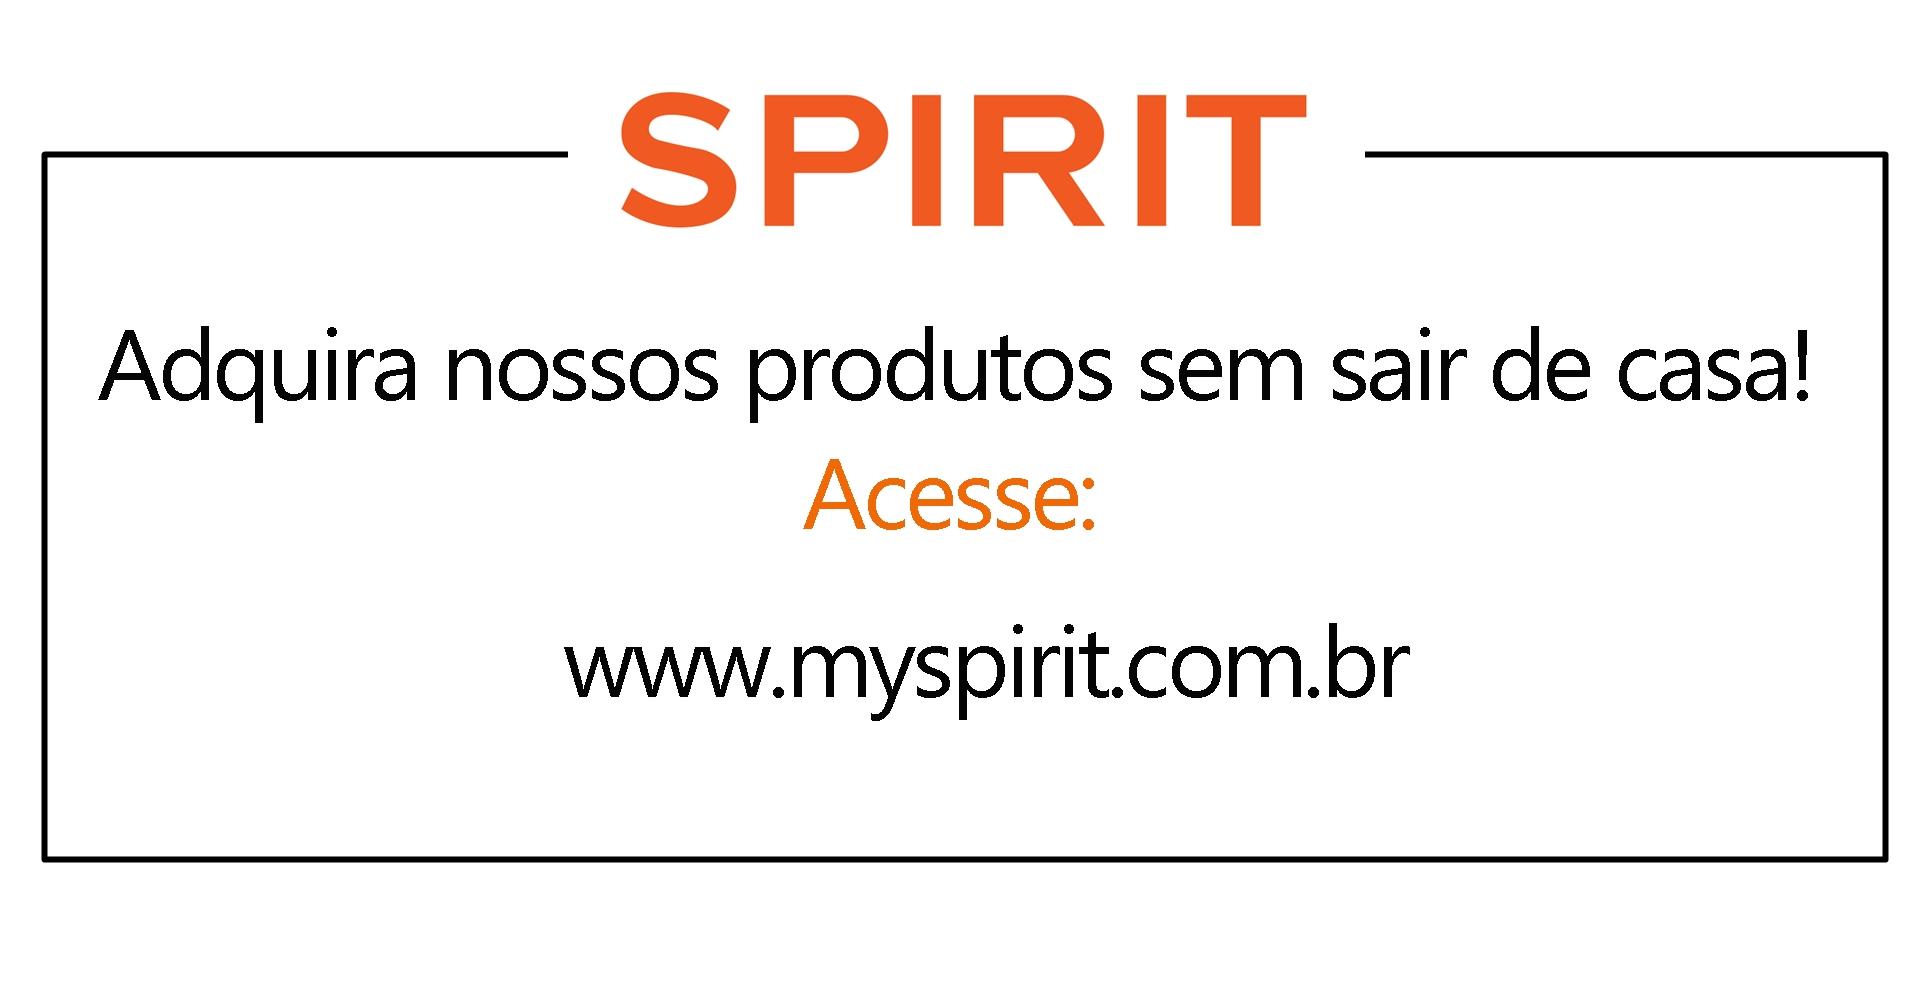 Ventilador de teto Spirit - Blog Myspirit - banner site Spirit - como calcular o consumo do ventilador de teto